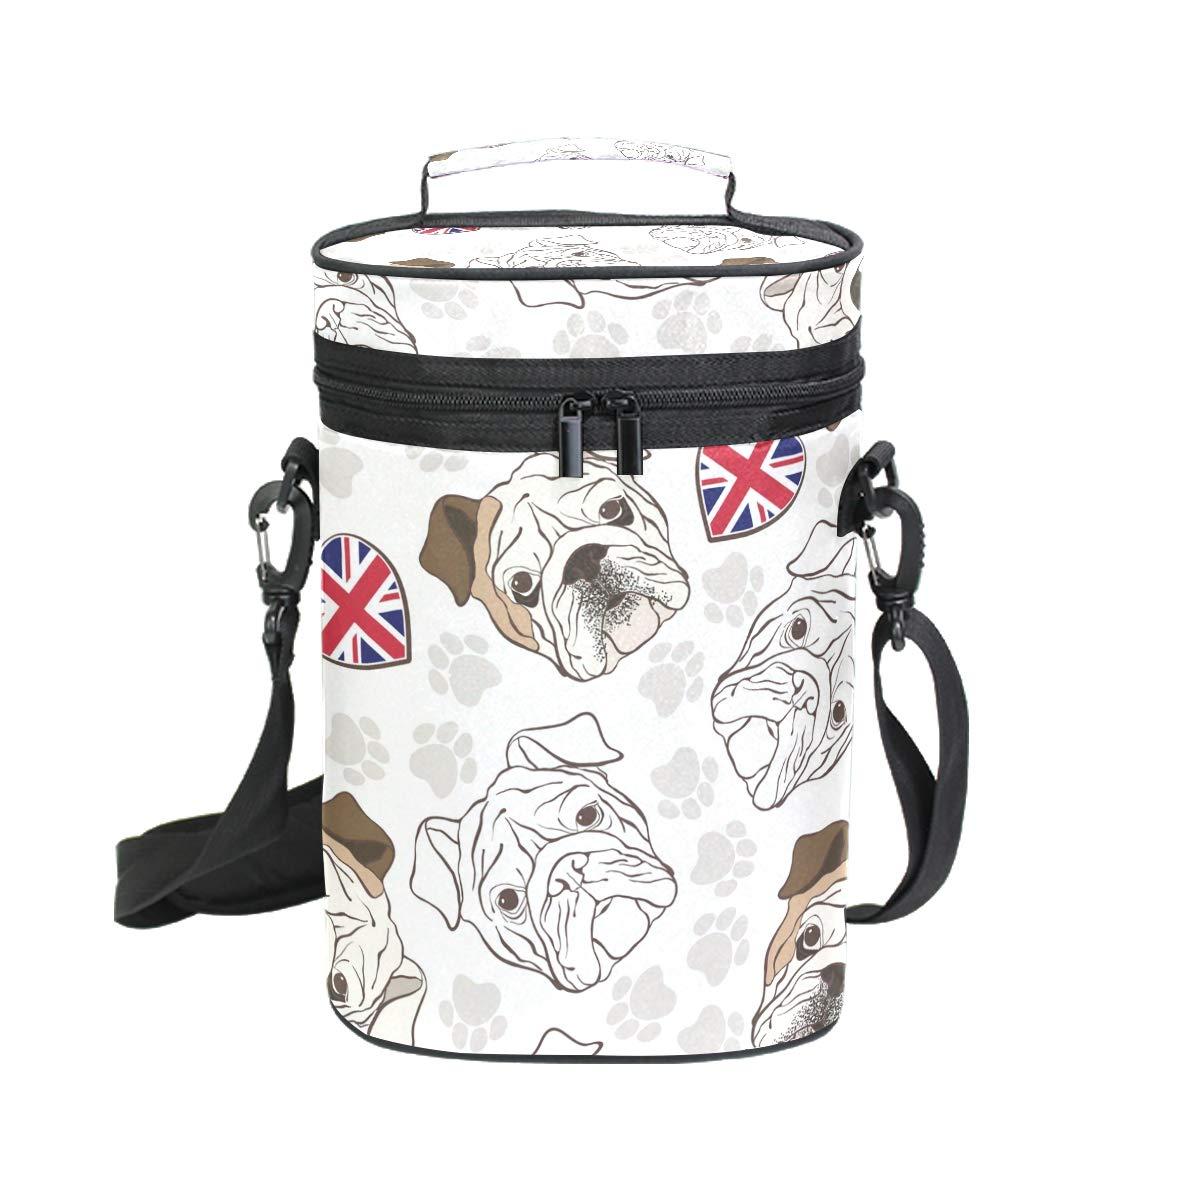 EZIOLY Sac de transport isotherme avec poignée et bandoulière Motif pattes de bouledogue anglais